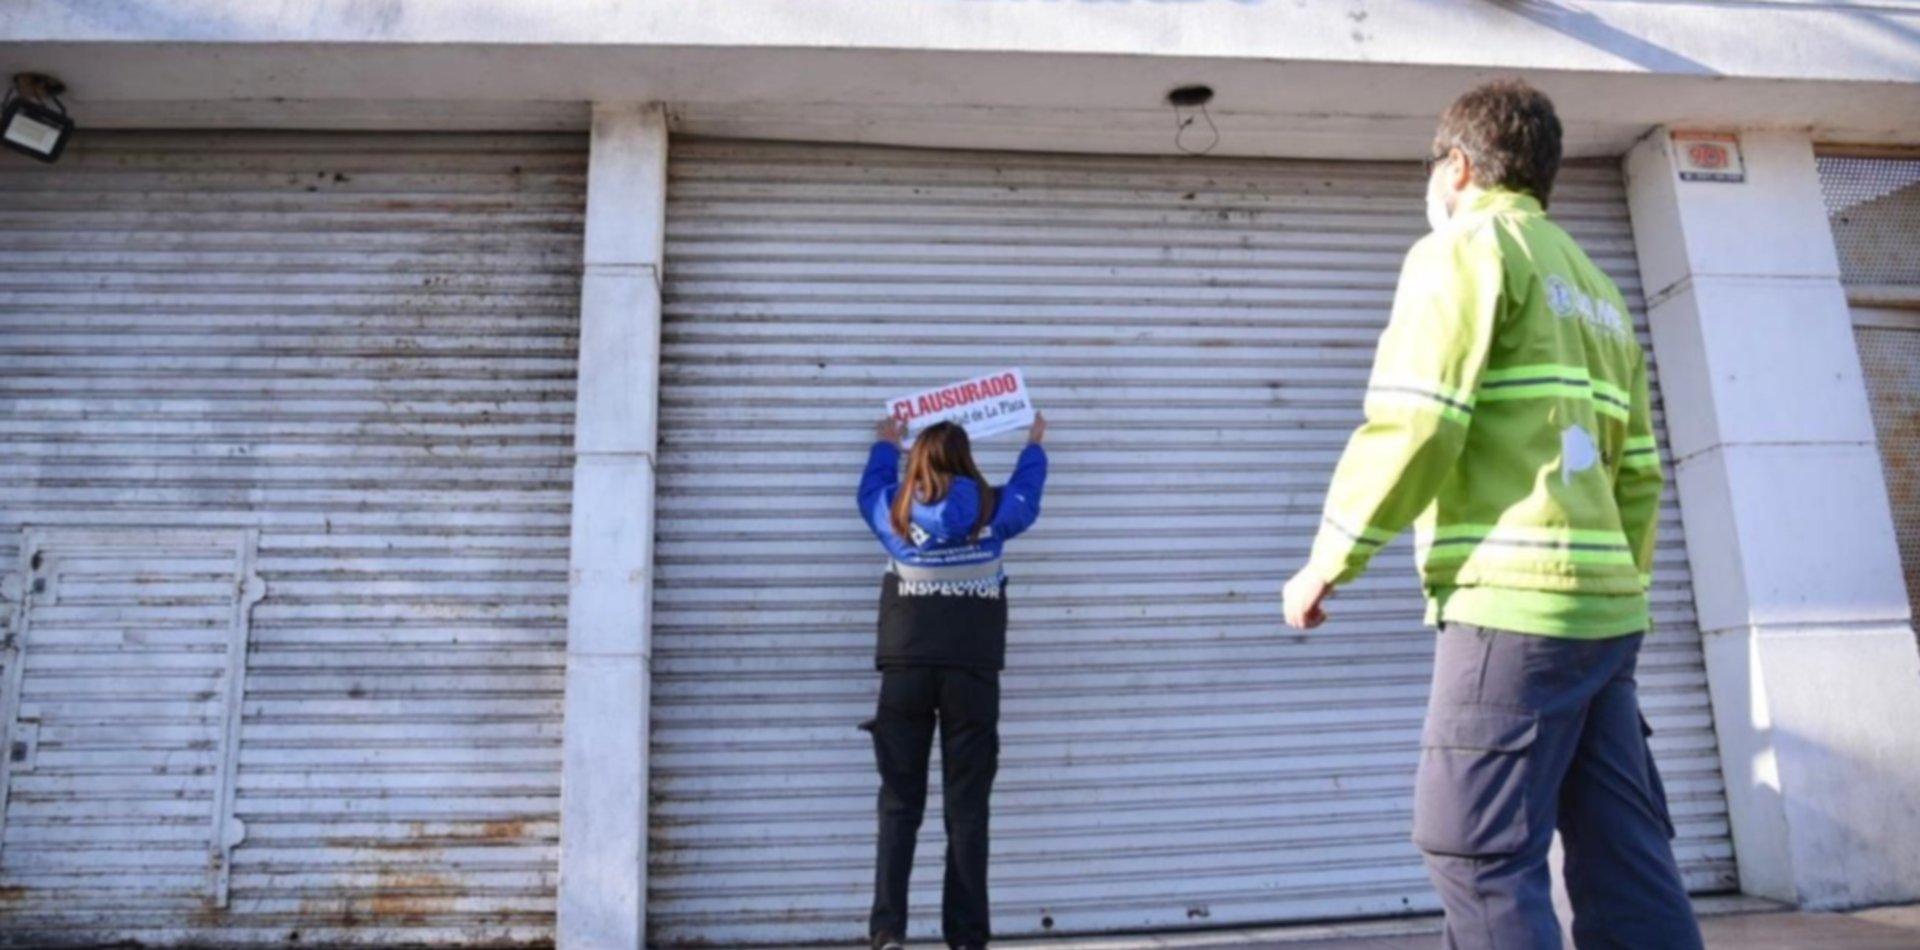 Clausuran un supermercado de La Plata por un caso confirmado de coronavirus